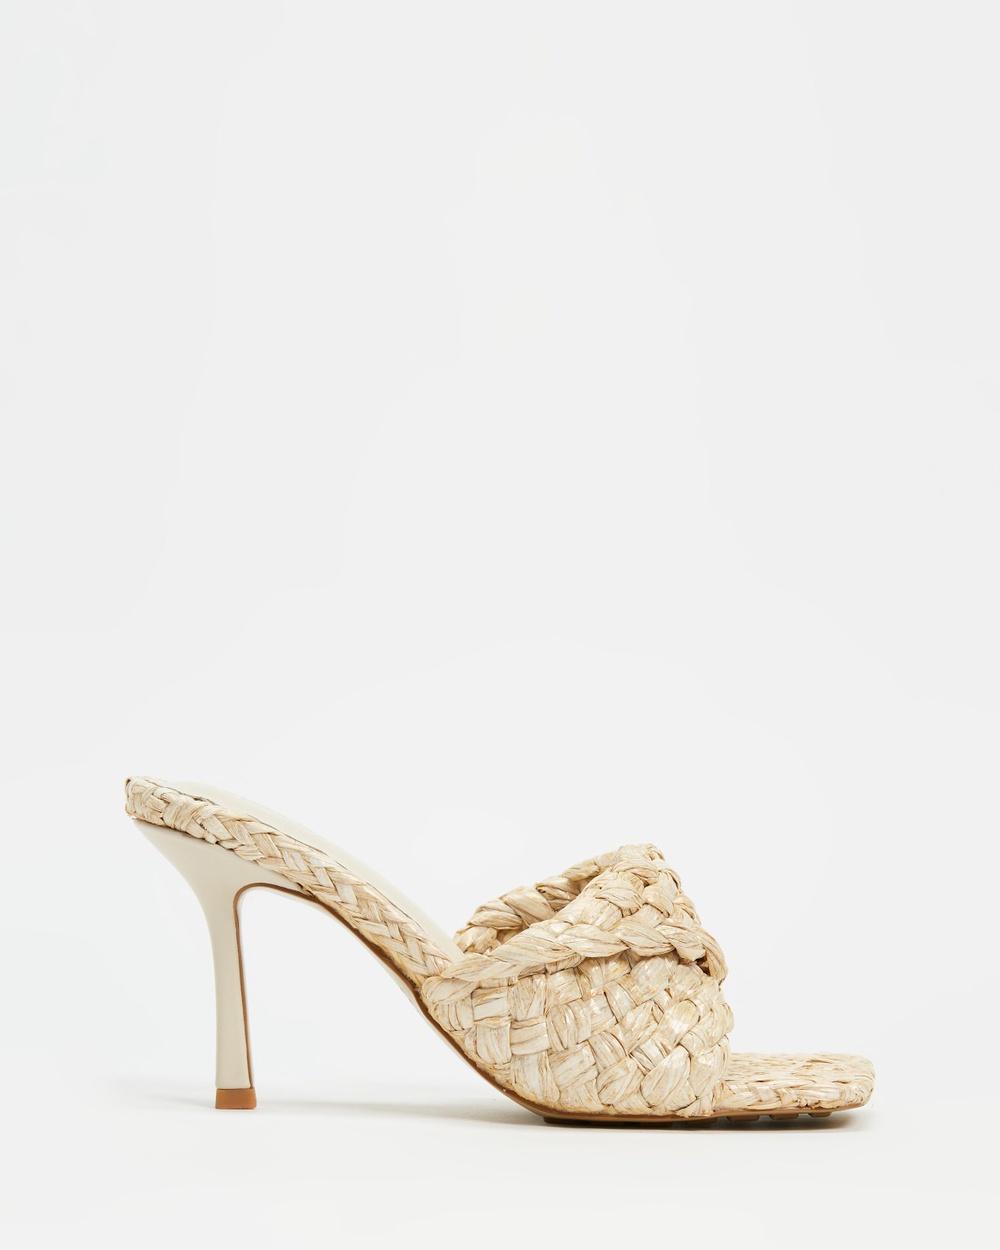 Alias Mae Lennon Sandals Natural